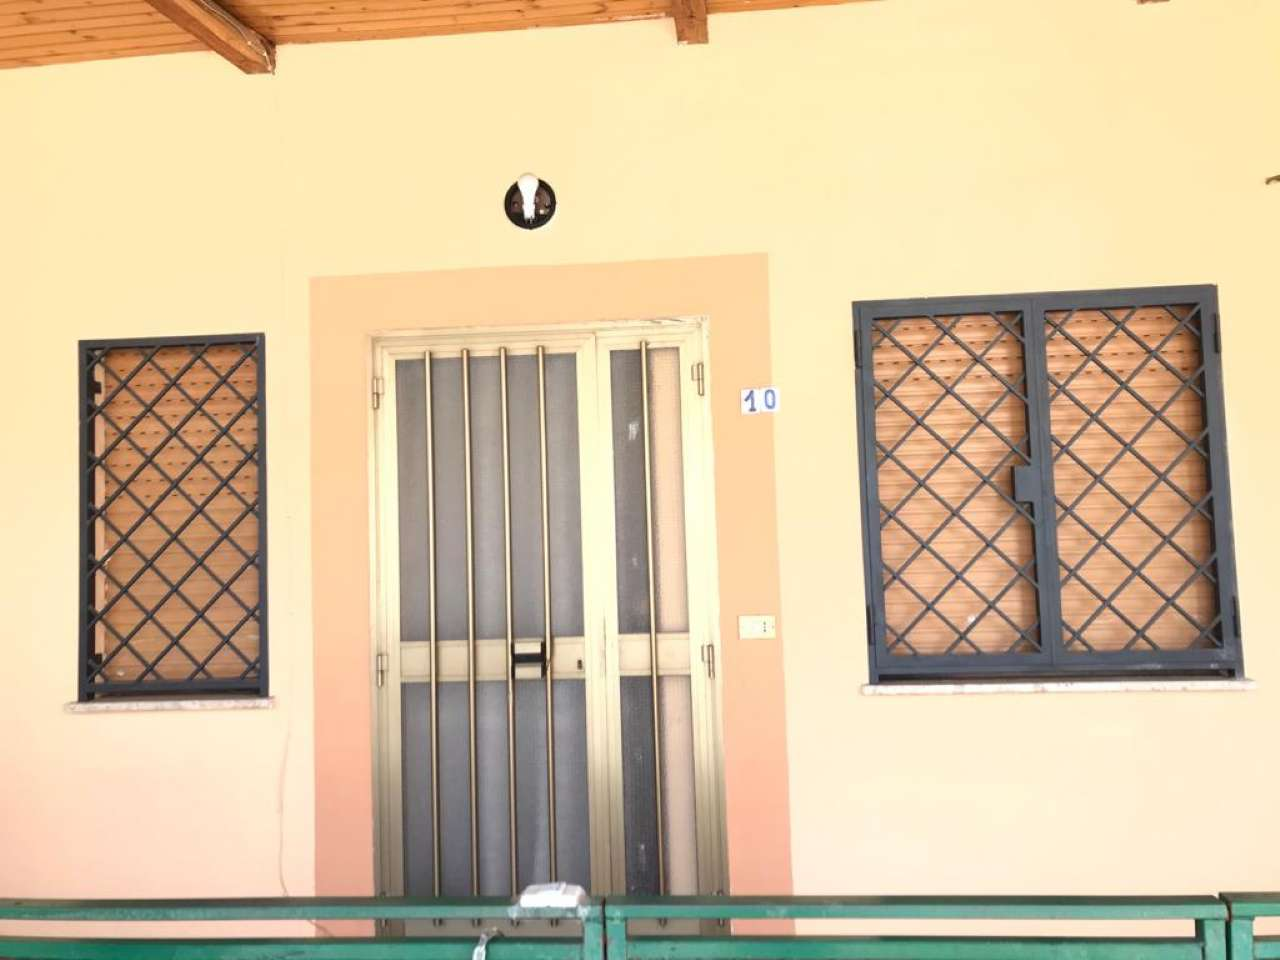 Trilocale, Via San Maria, Località Settimo, Montalto Uffugo, foto 2